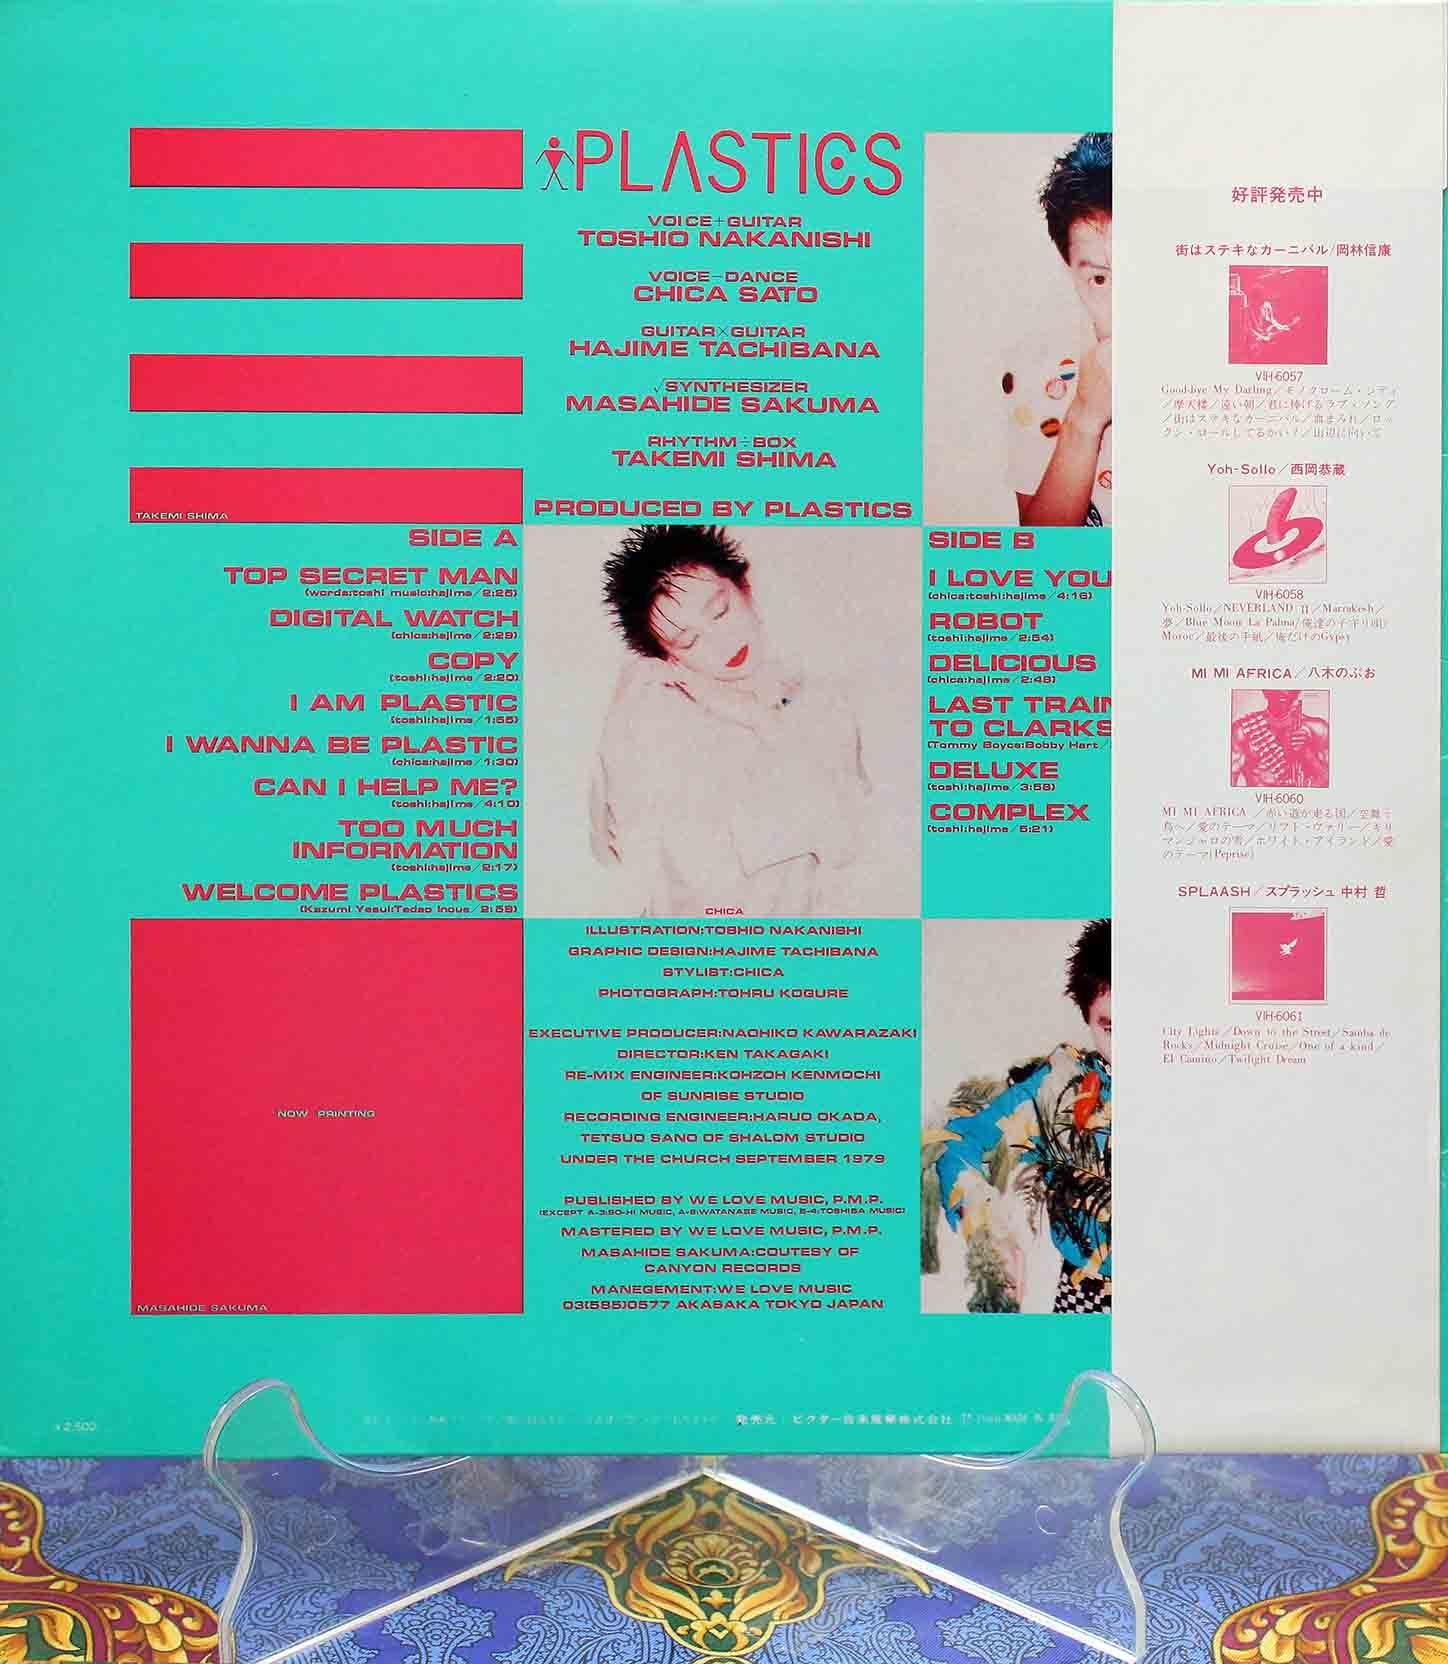 Plastics – Welcome Plastics 02